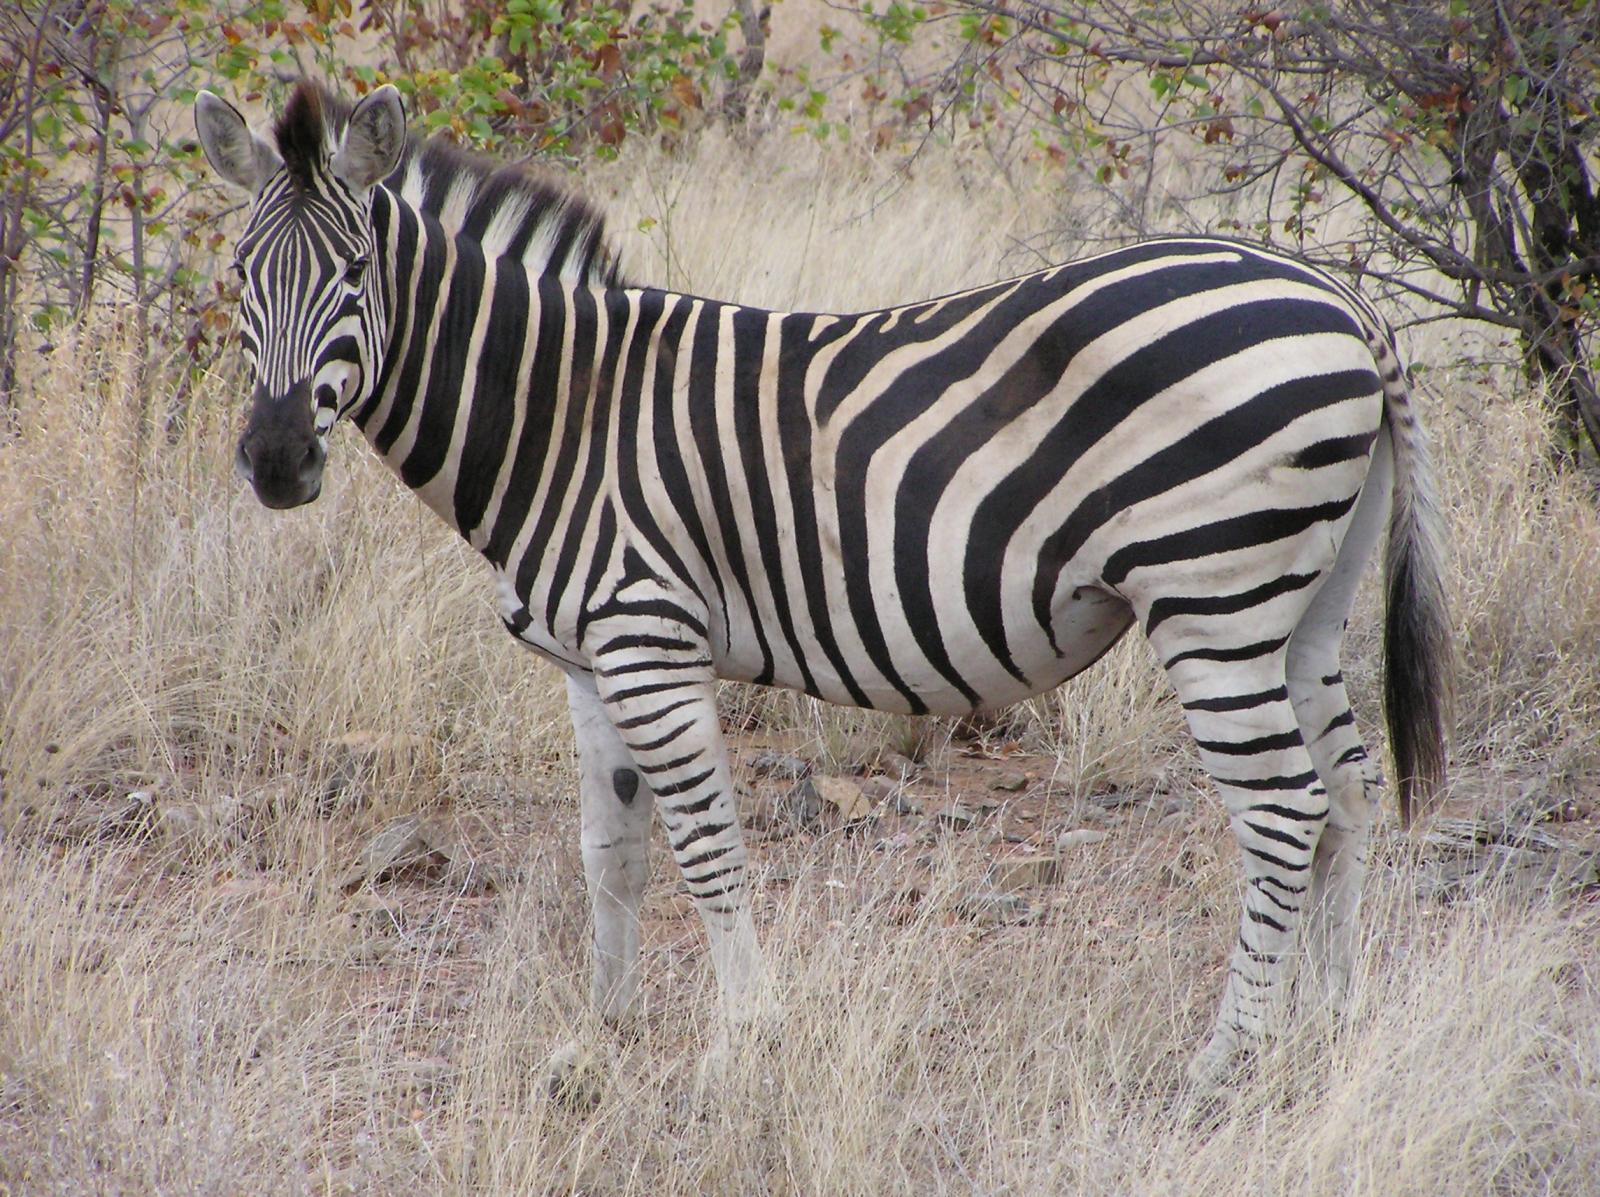 File:Zebra Kruger.jpg - Wikimedia Commons